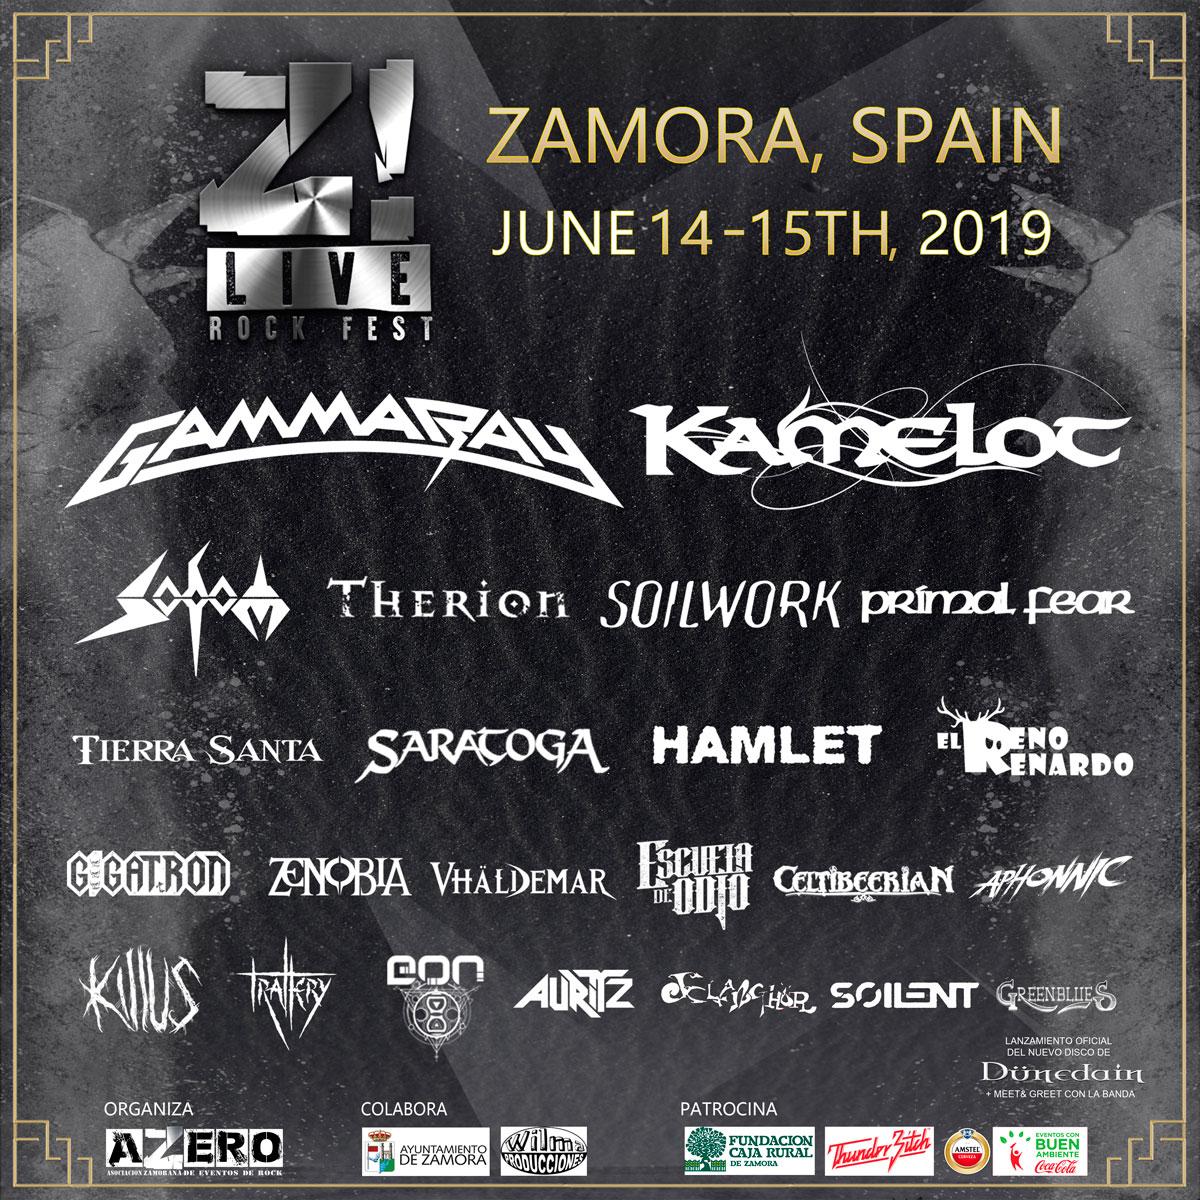 Z! Live Rock Fest